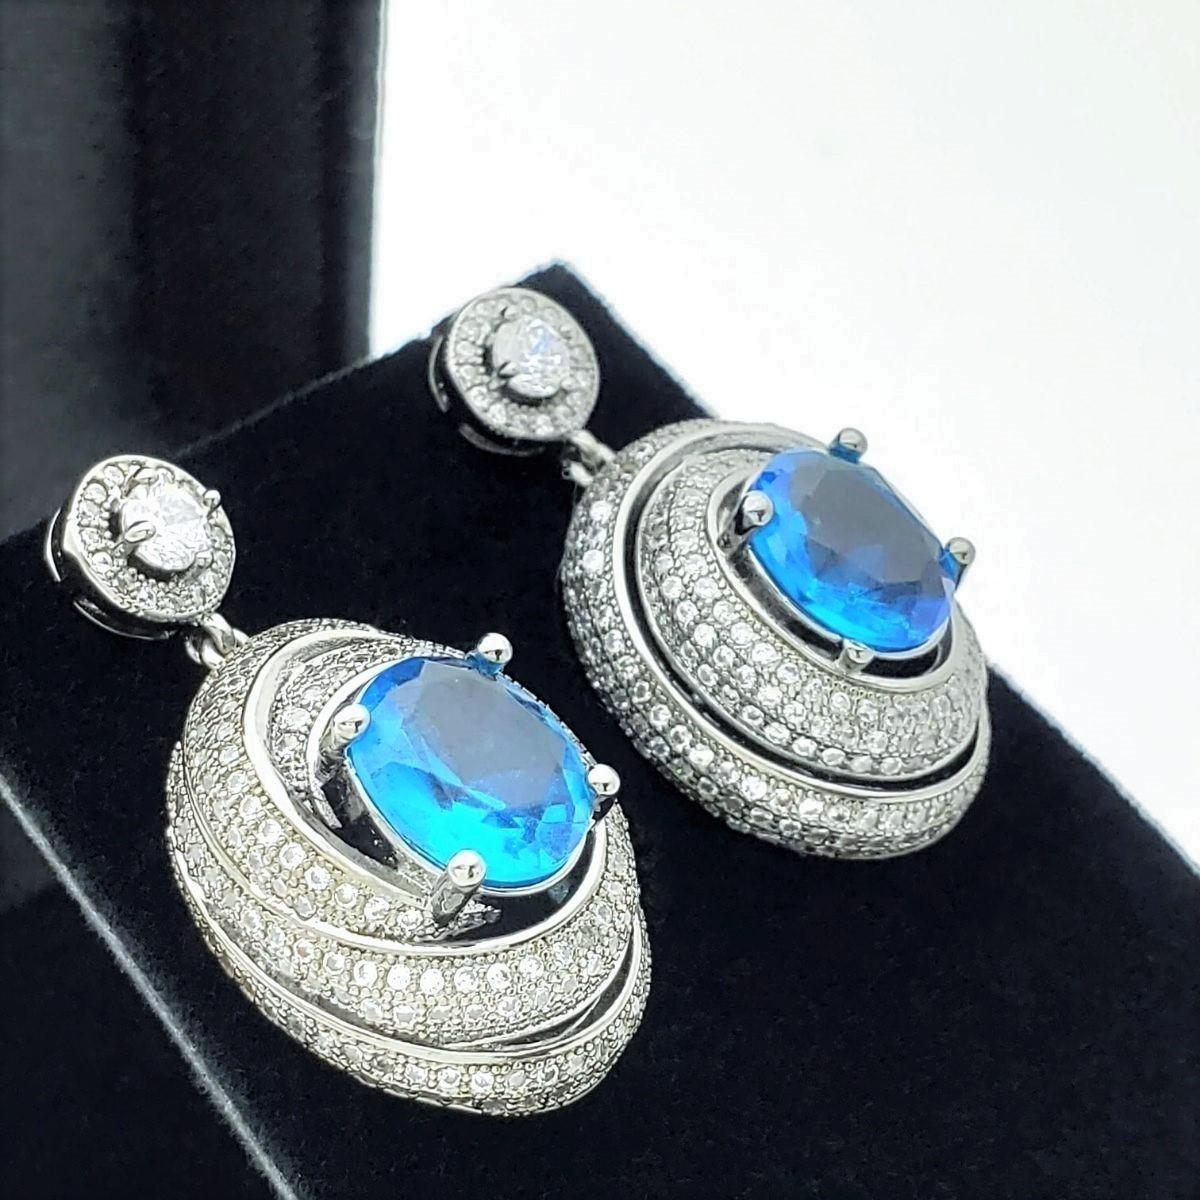 Brincos Caracol Azul Safira Cravejado Pavé De Zirconias Ródio Negro 2384